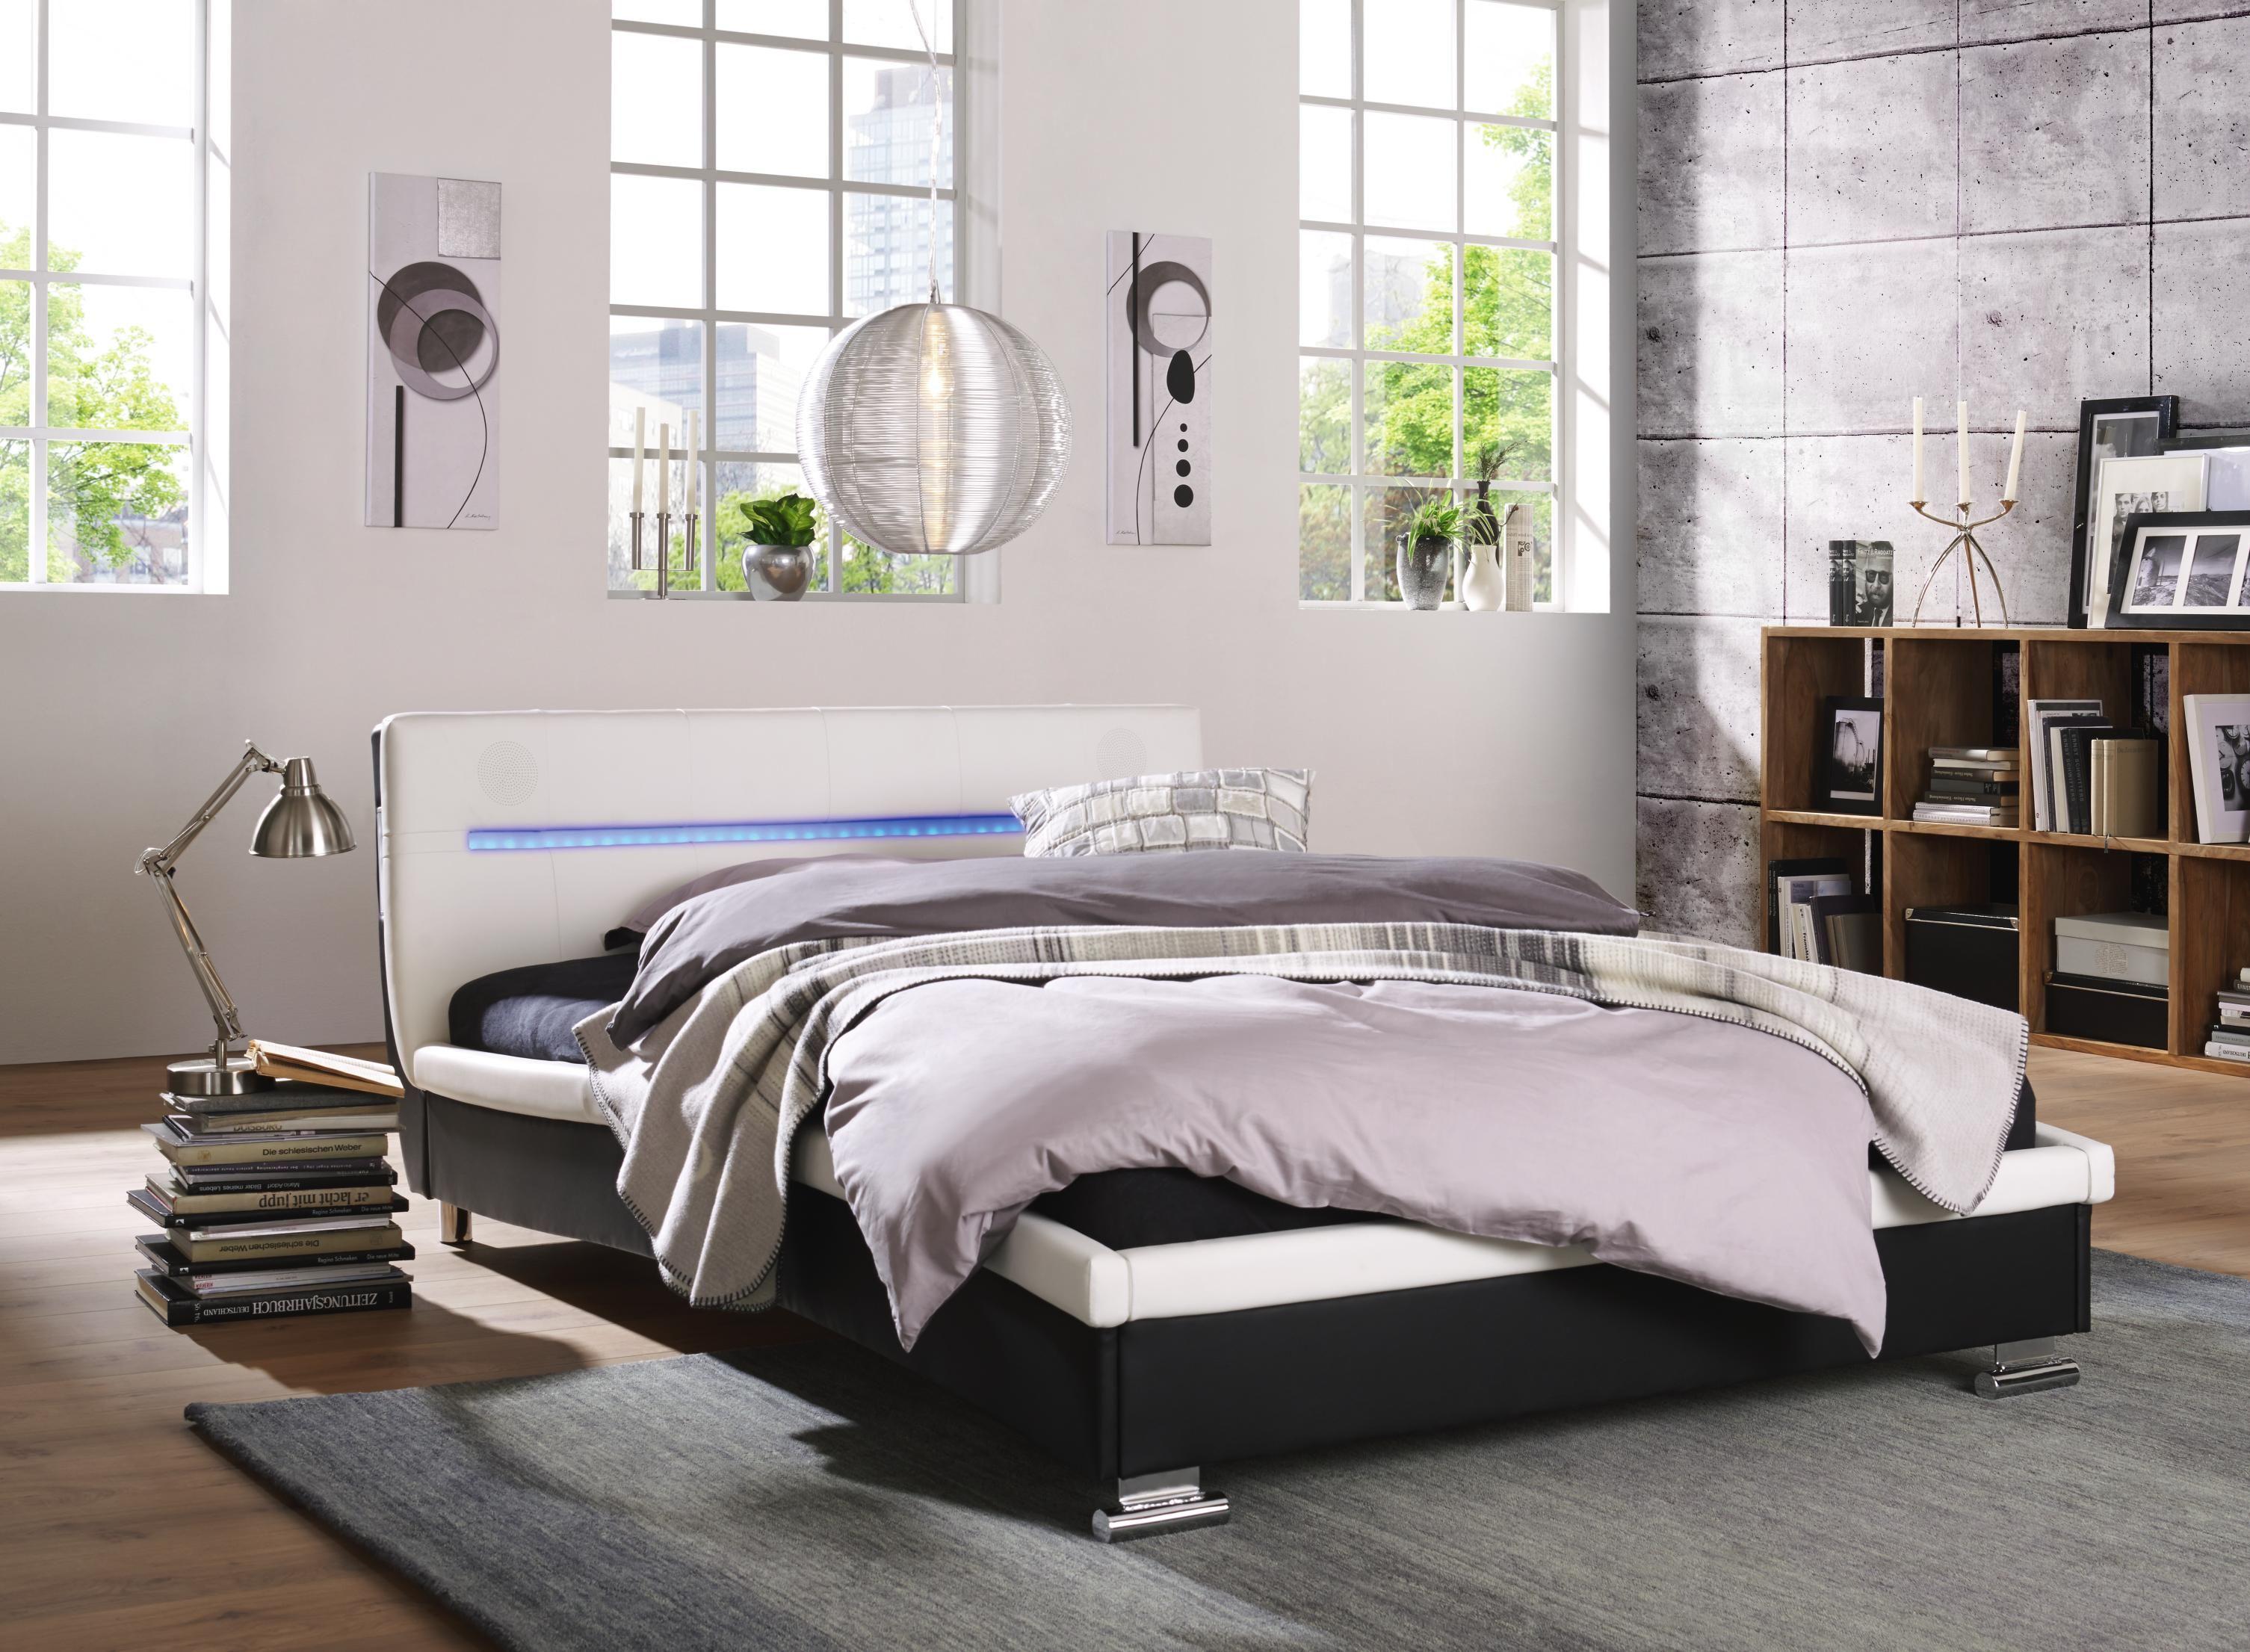 Polsterbett Sound Von Carryhome Mit Lautsprechern Und Beleuchtung Schlafzimmer Set Bett Polsterbett